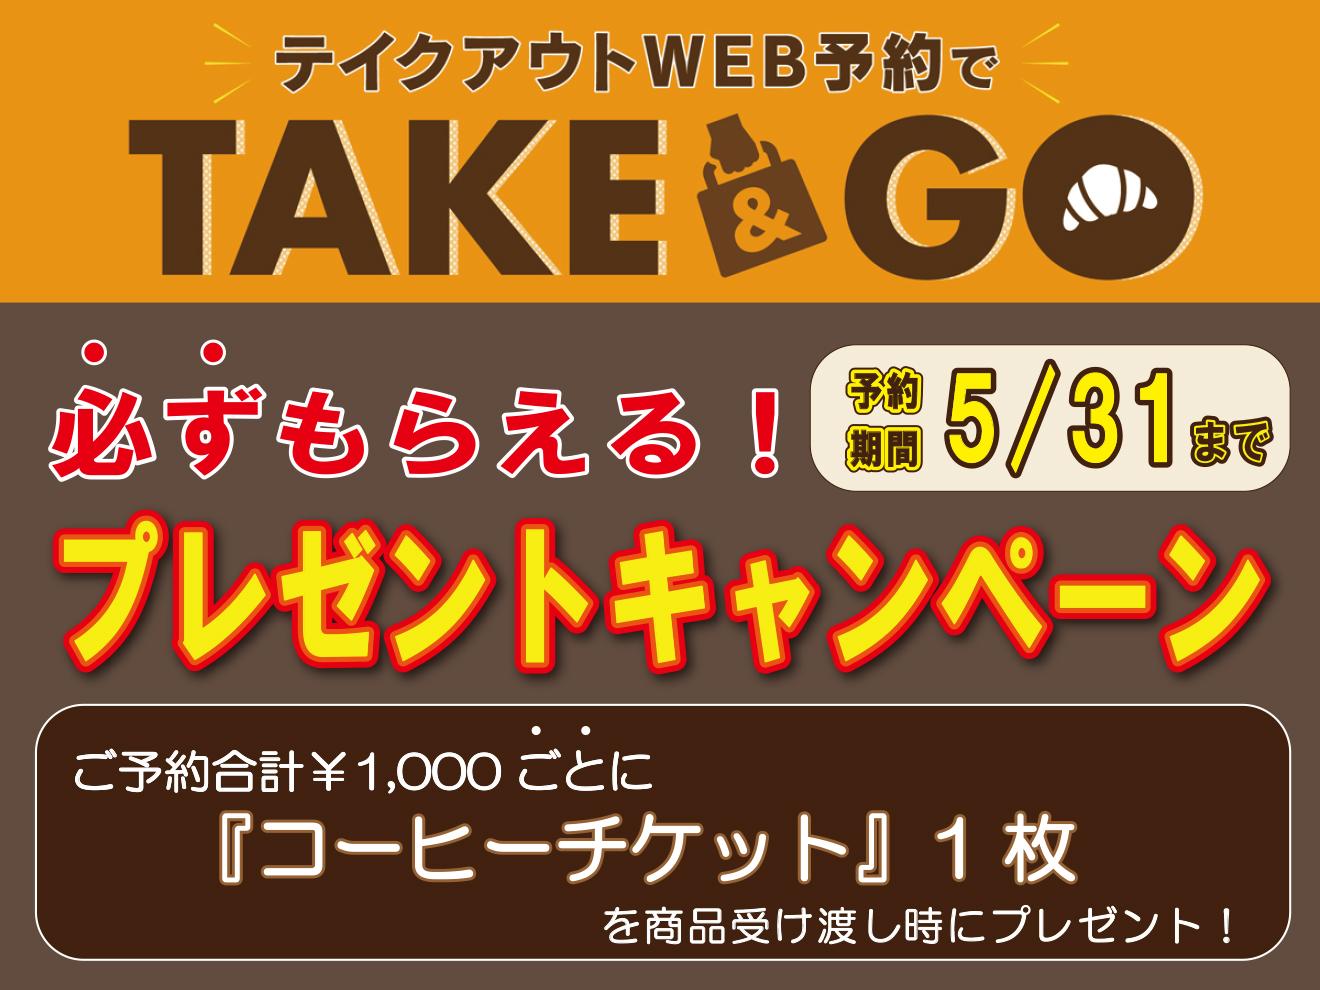 WEB予約『プレゼントキャンペーン』(5/1~31)のお知らせ